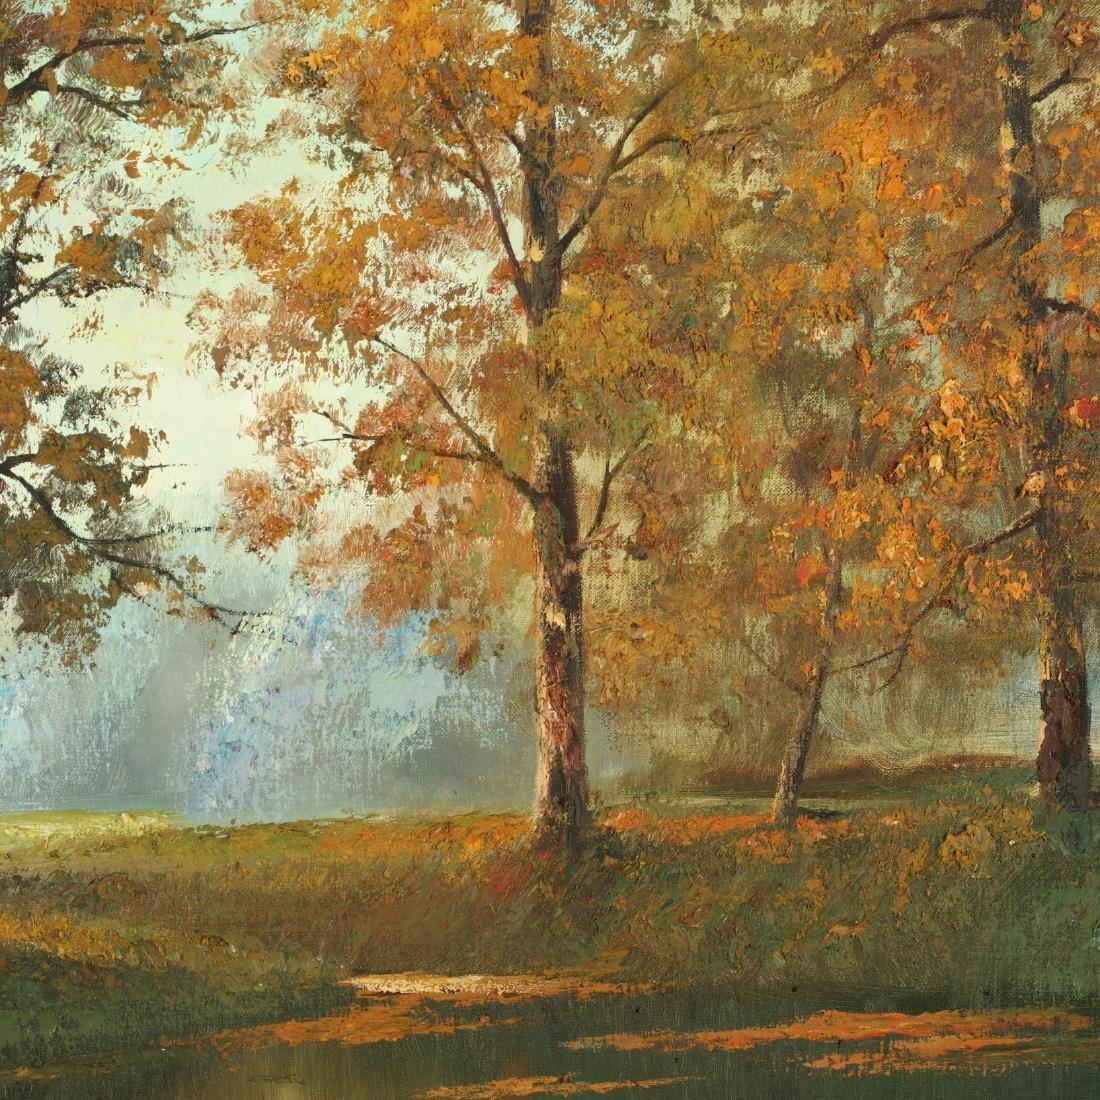 An Autumn Landscape Painting - 2